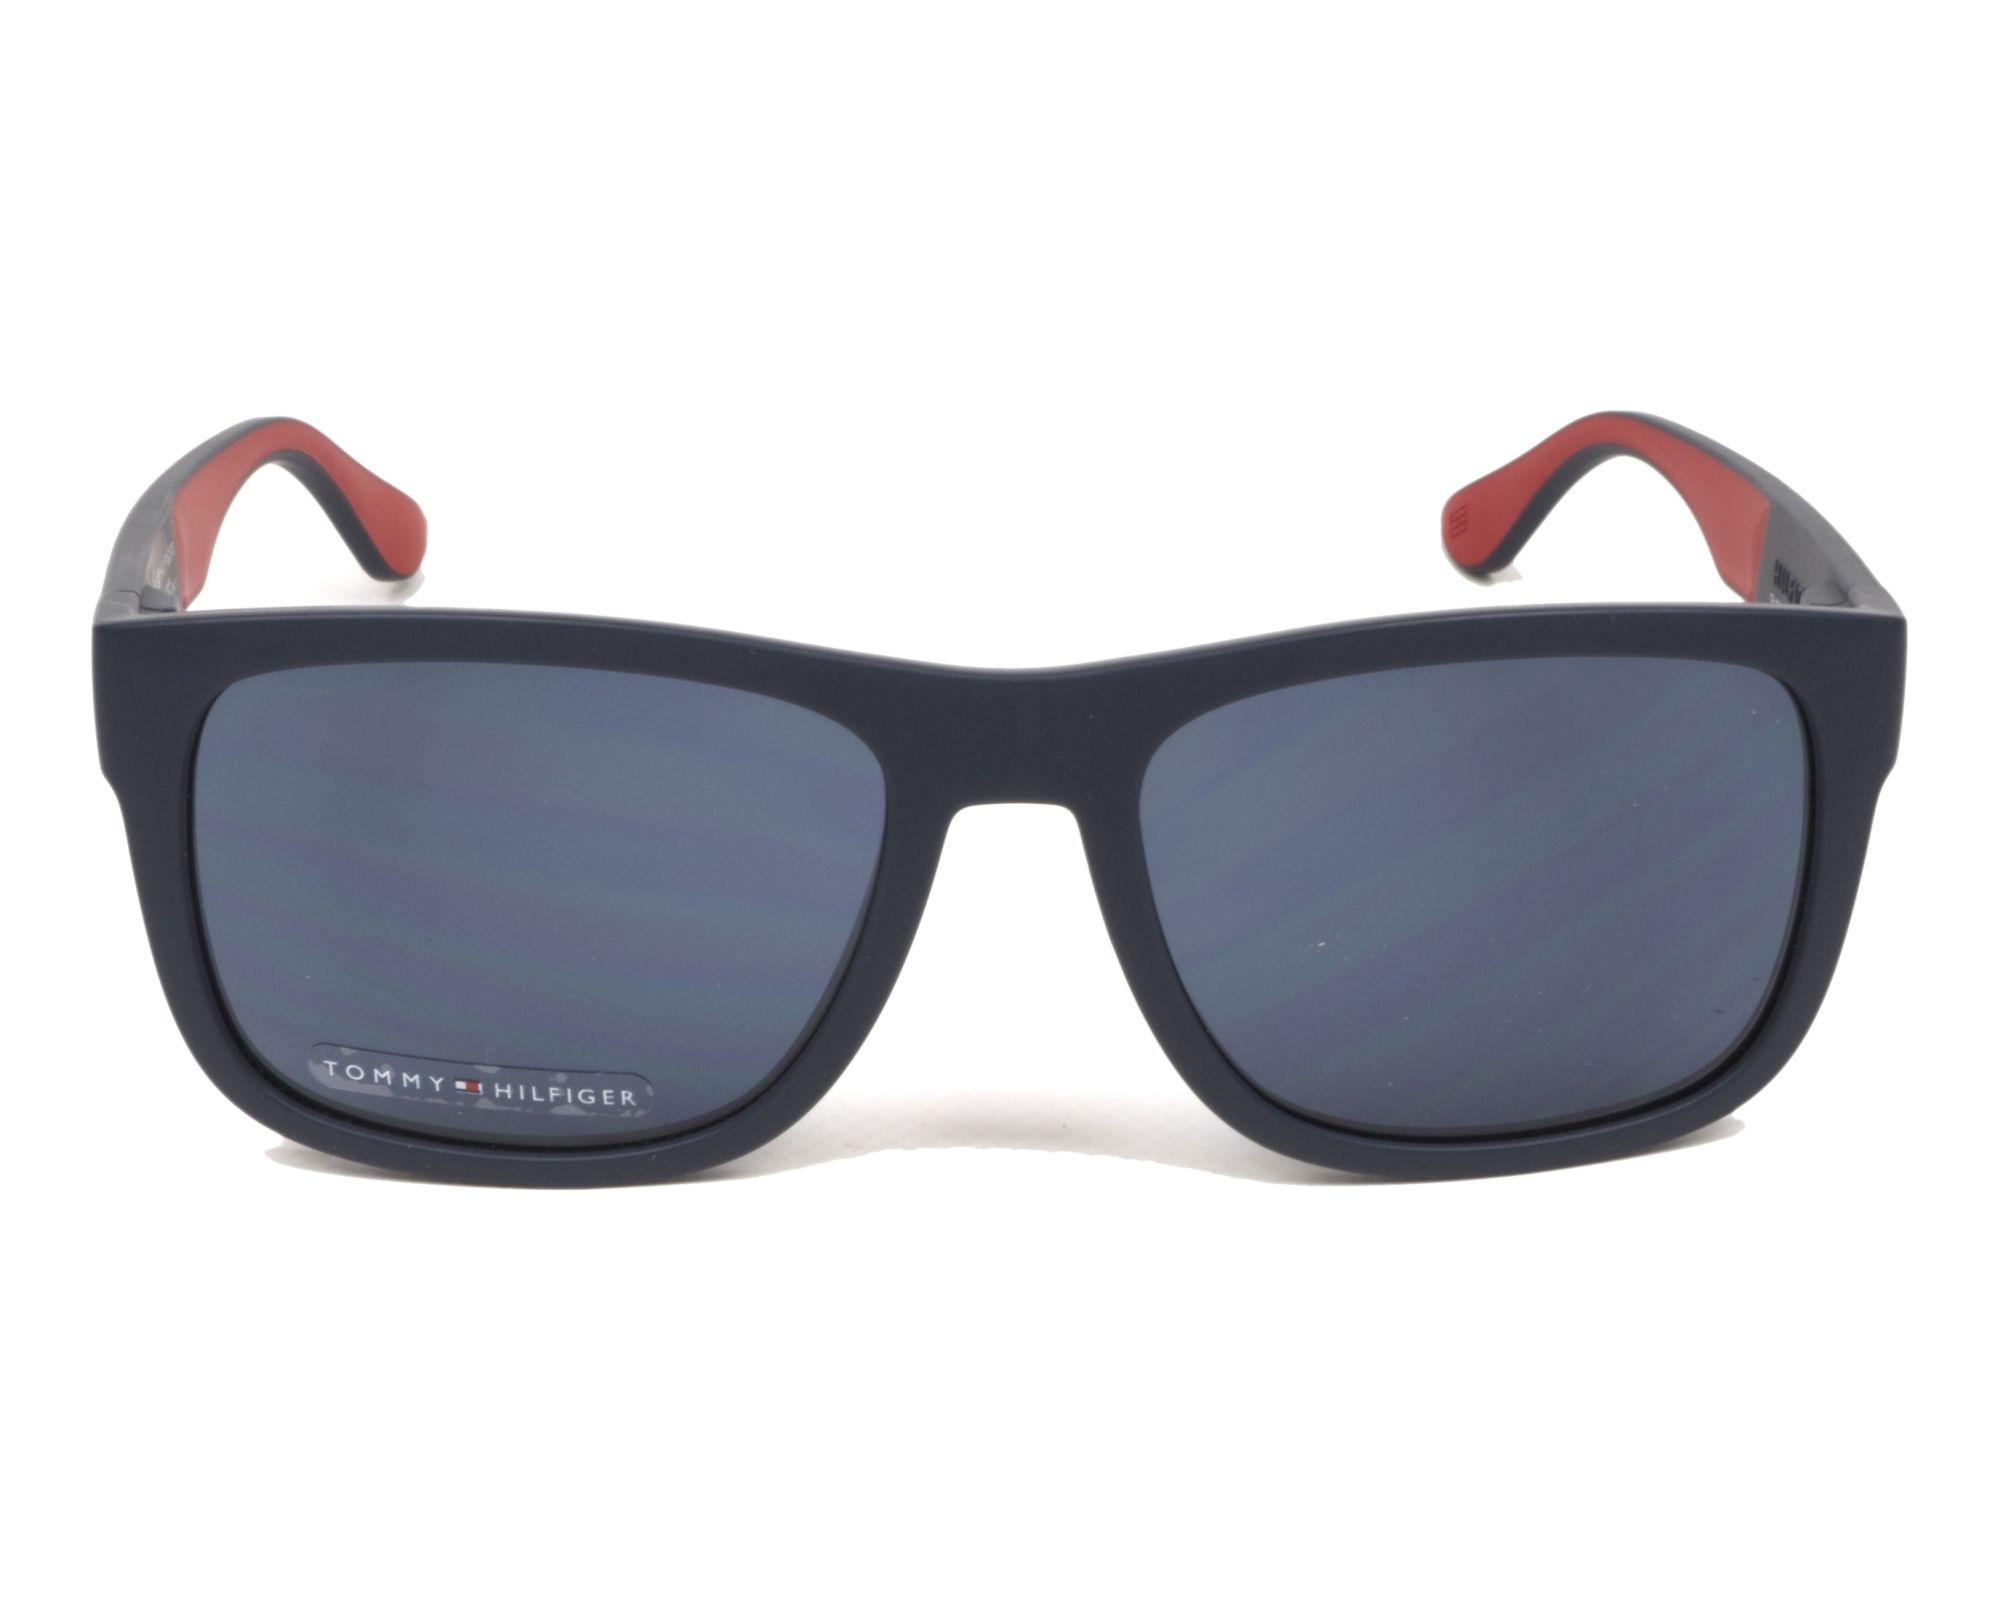 Tommy Hilfiger Sunglasses TH 1556//S 8RU KU Blue Blue 53mm